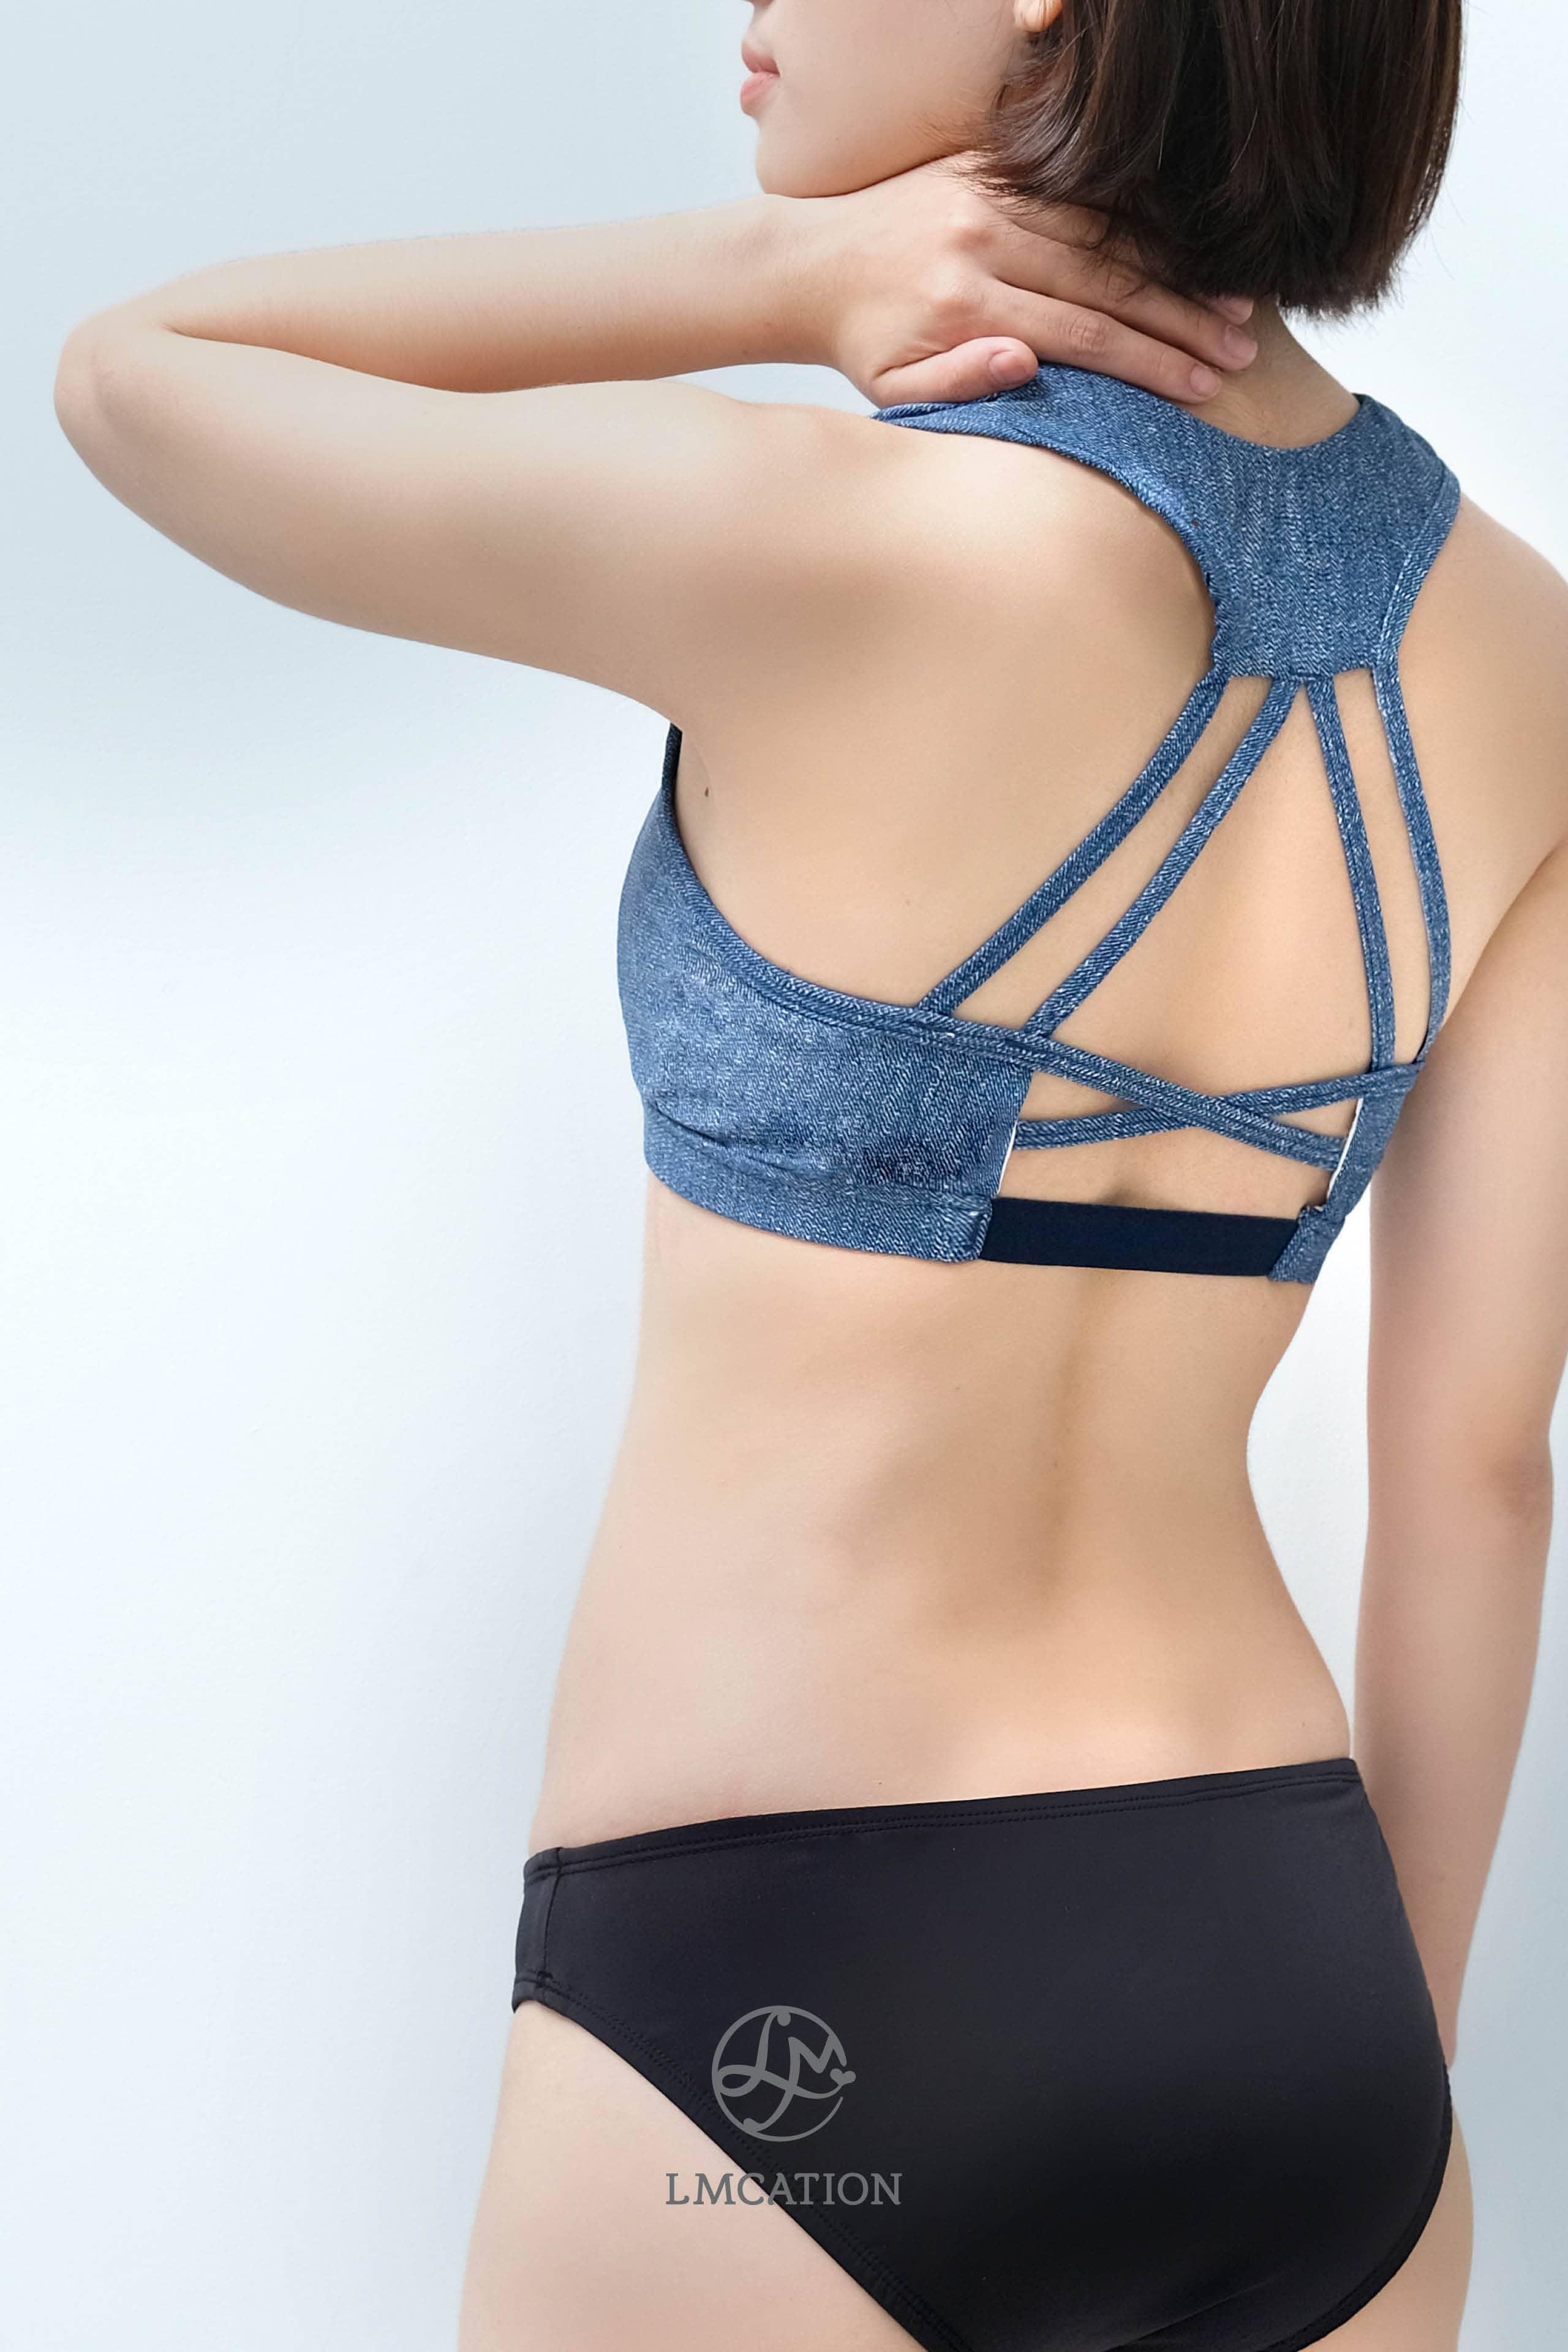 Áo Ngực Thể Thao 3 Dây Chéo LMcation Jasmine - Màu Jean